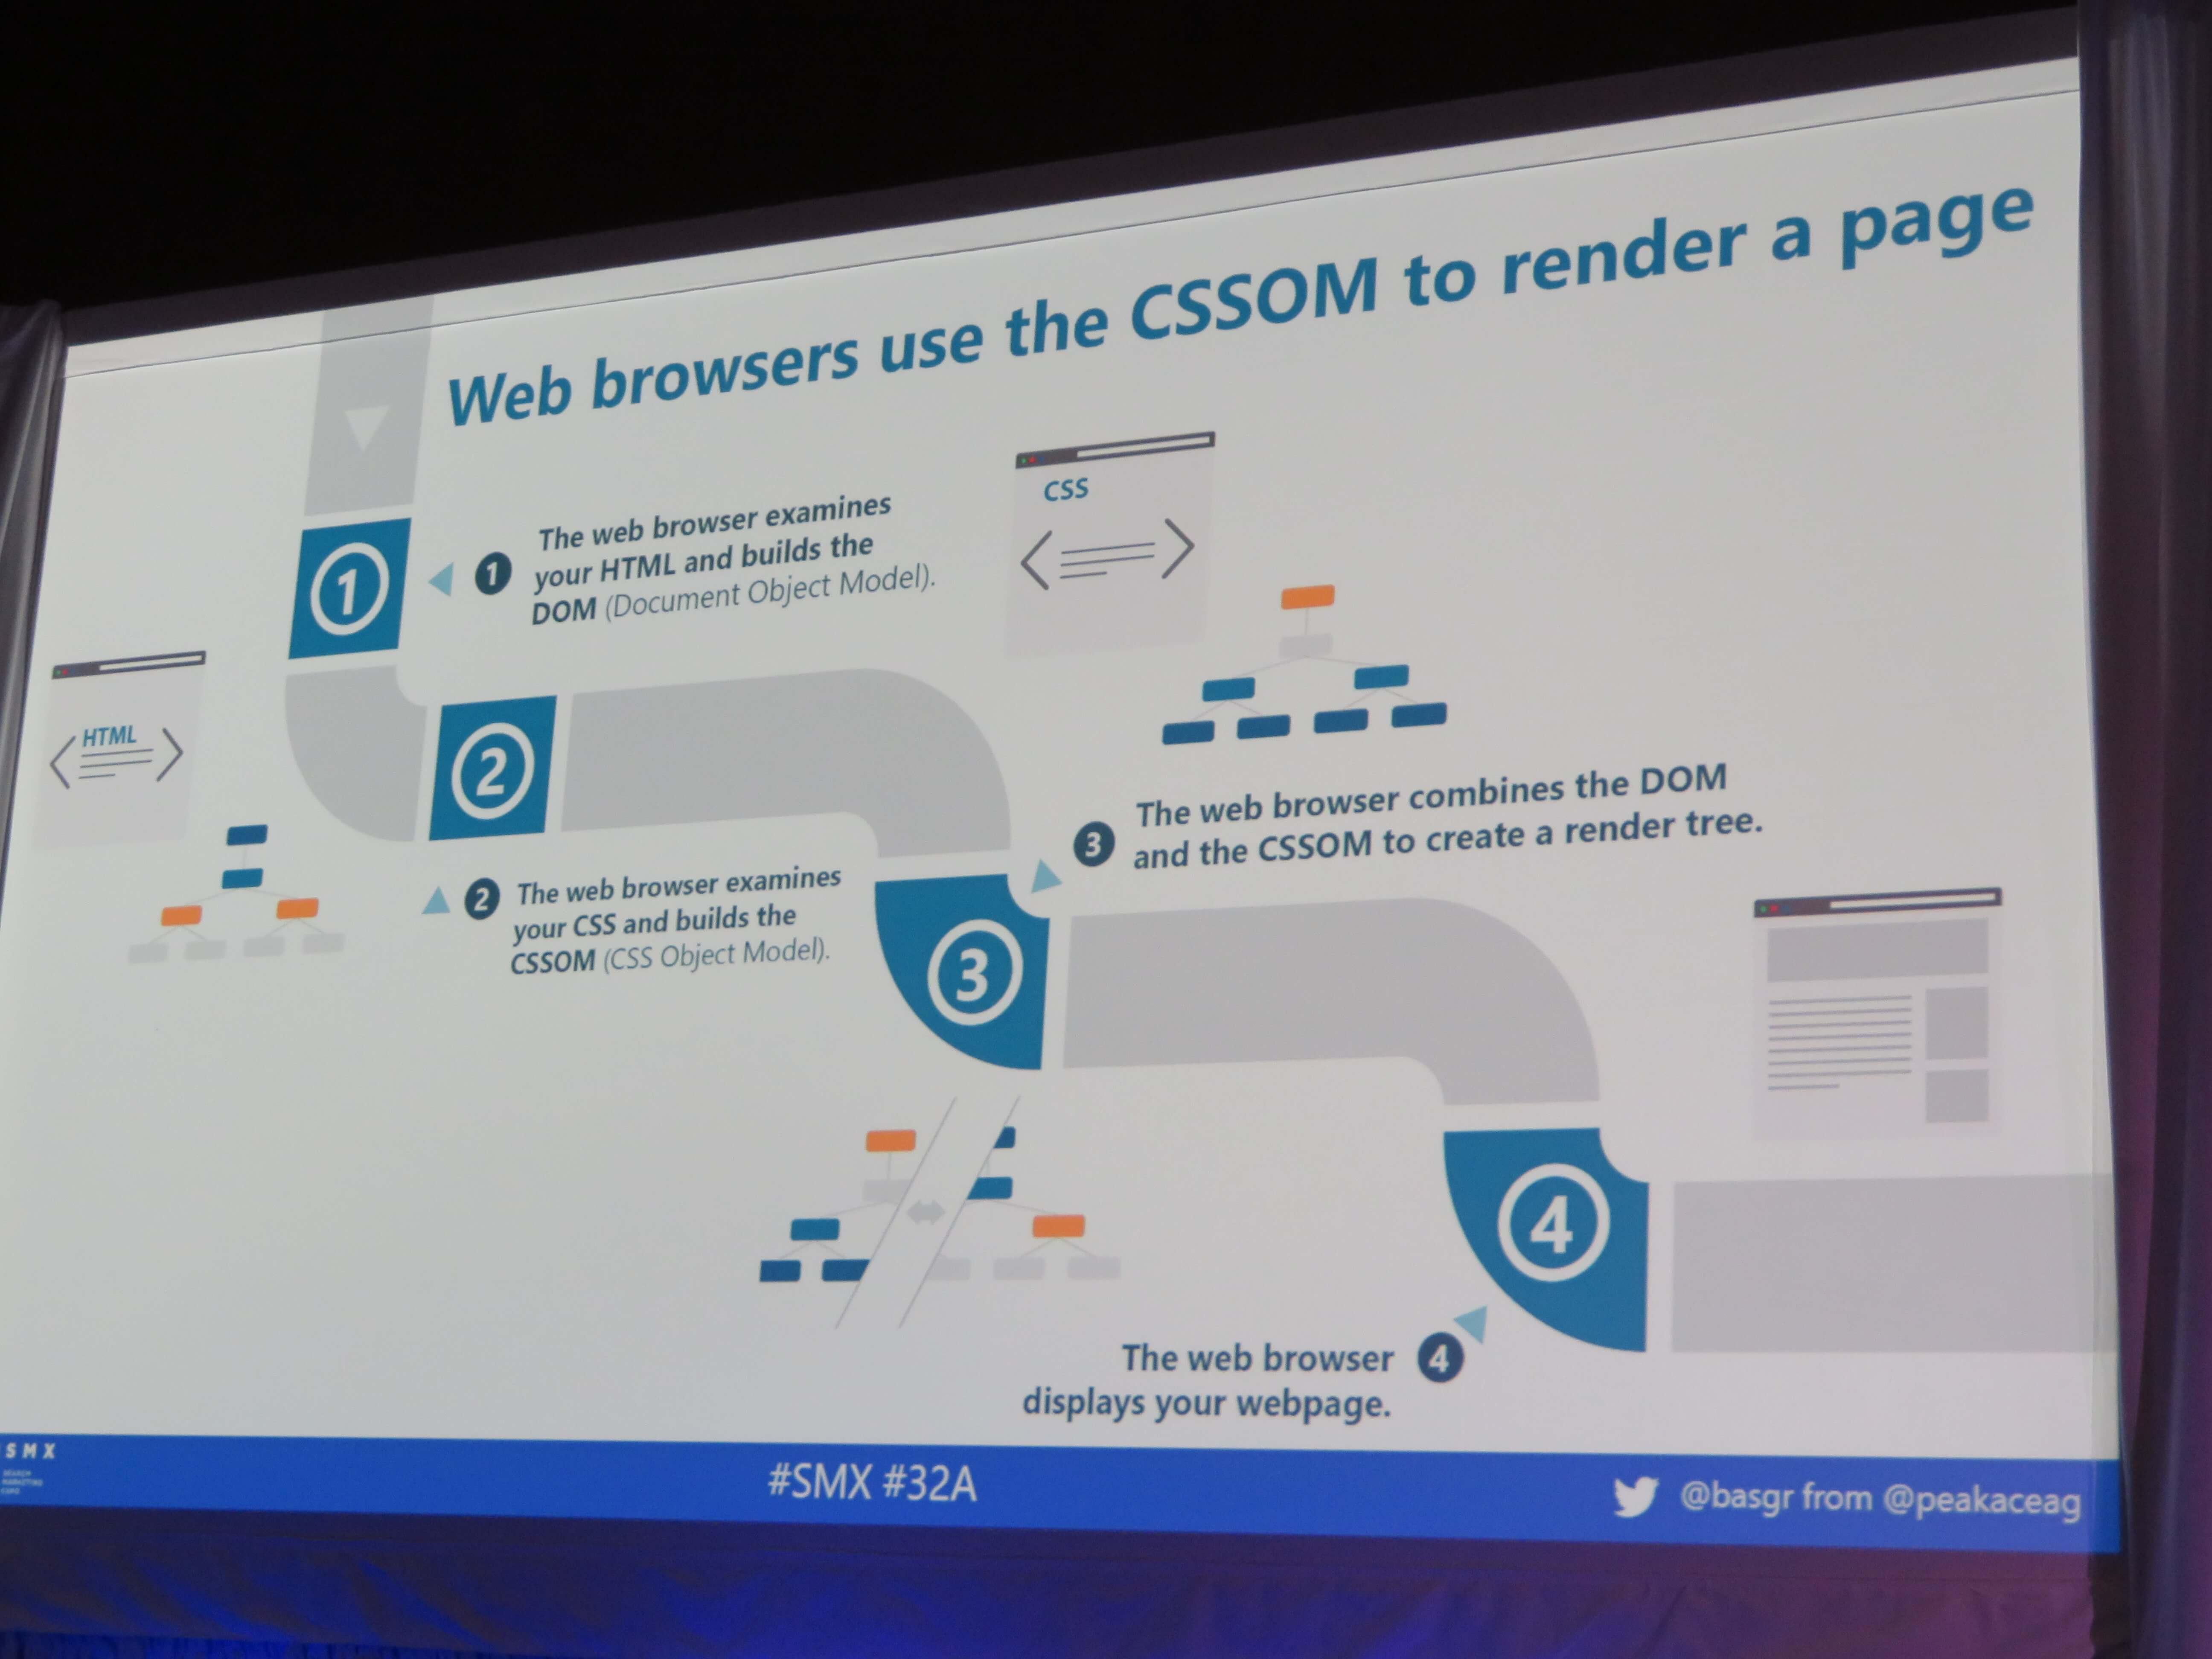 ウェブブラウザはレンダリングのためにCSSOMを使用する